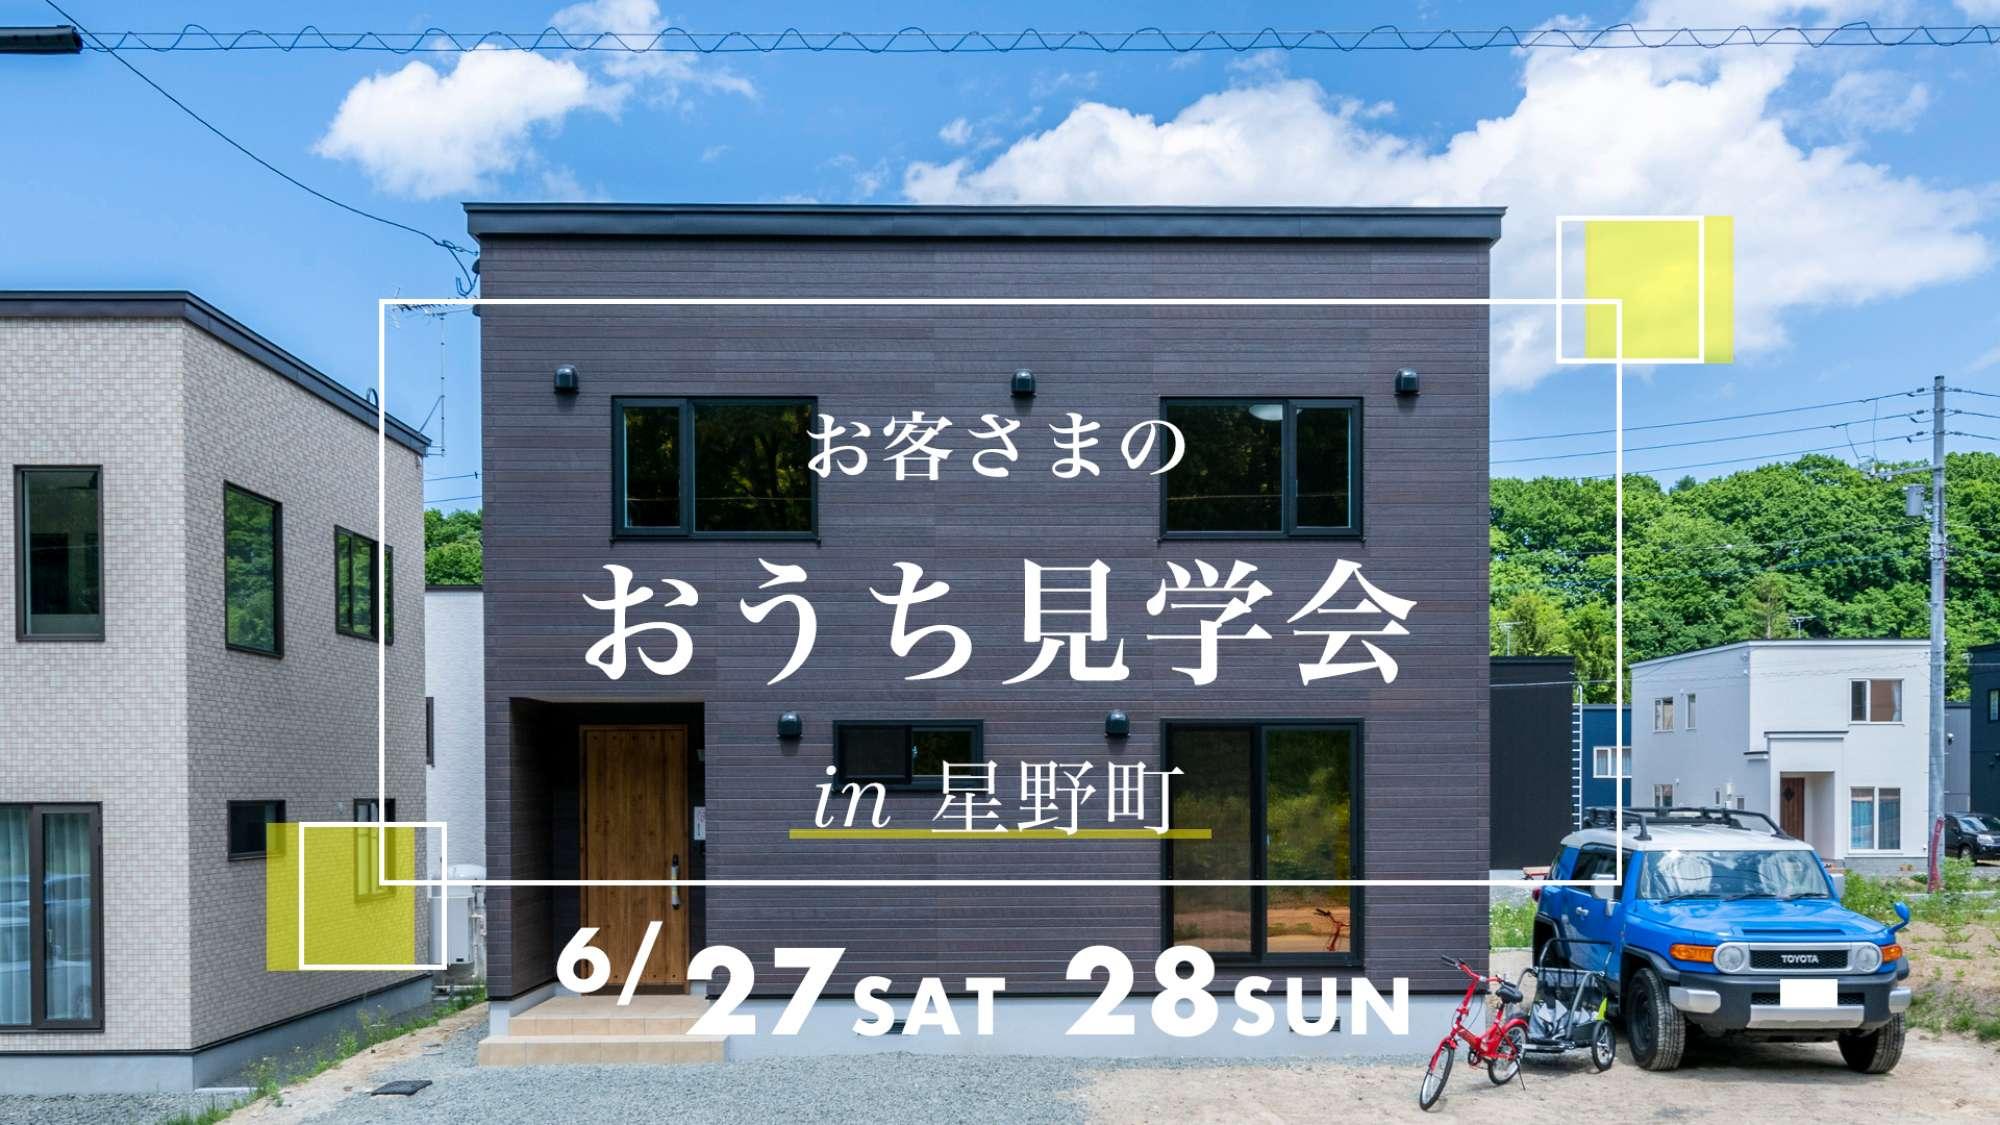 6/27(土)28(日) 開催 土間のあるお客様のおうち見学会in星野町 -